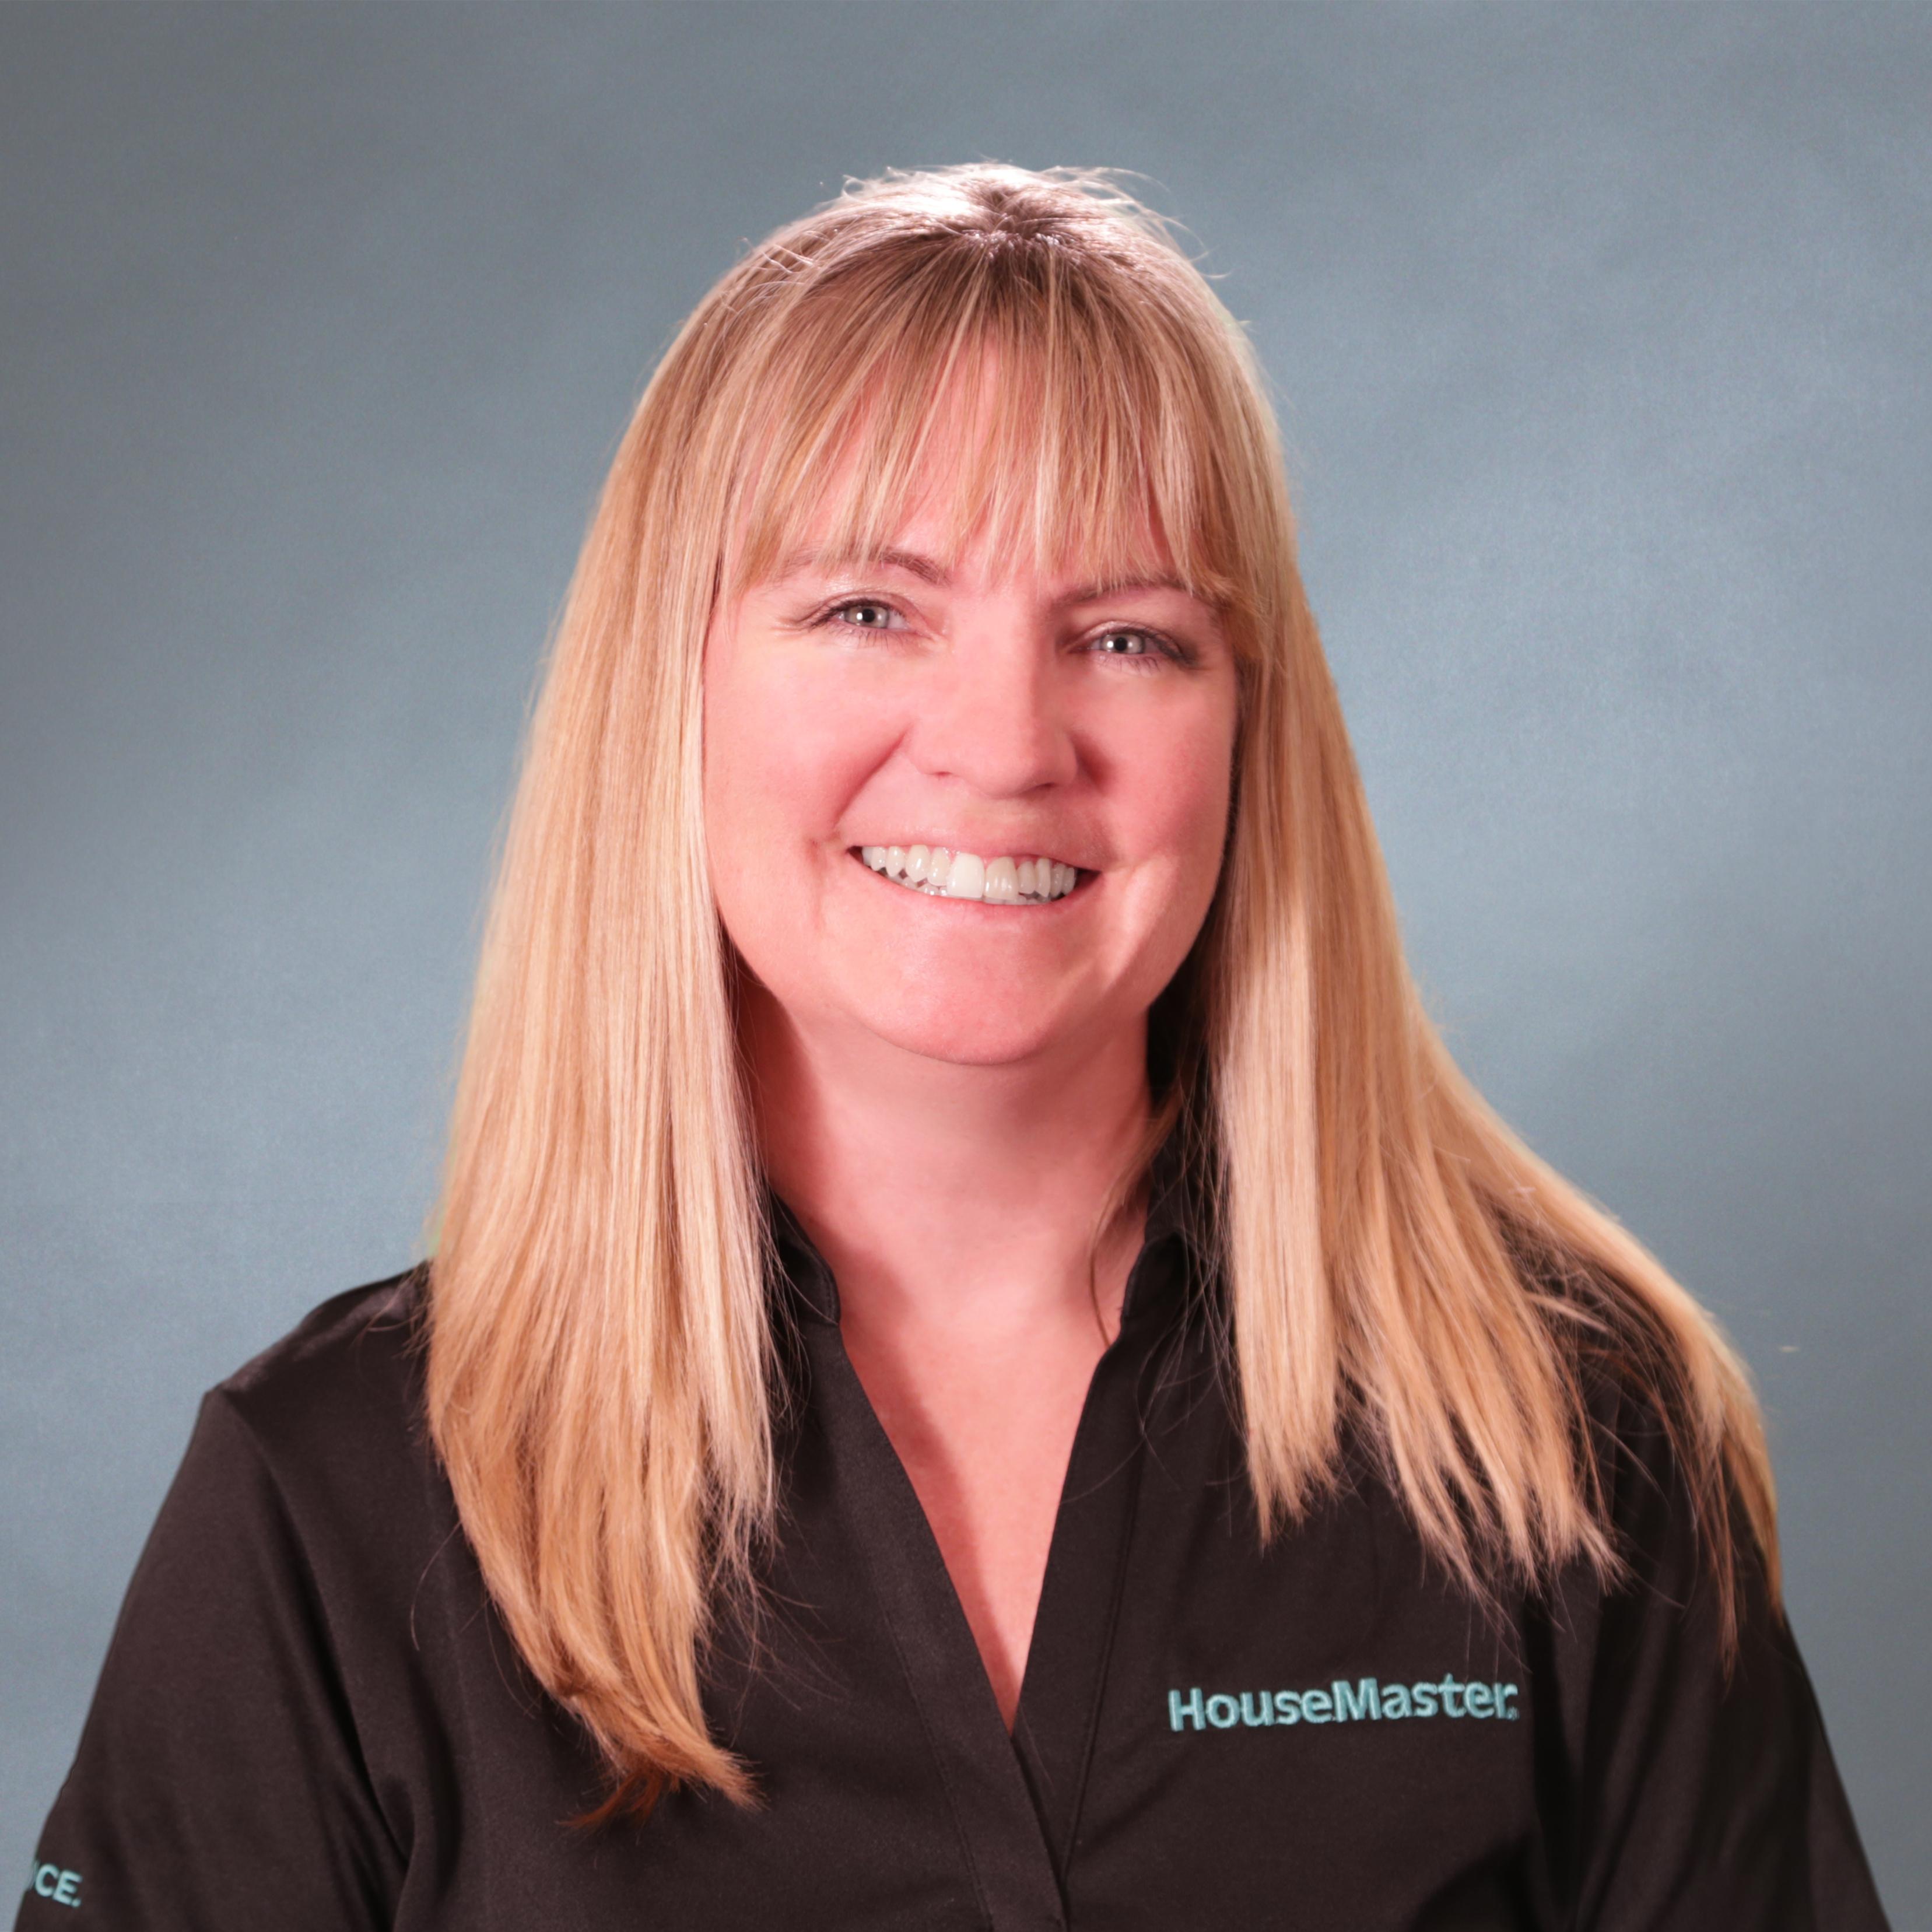 Photo of HouseMaster Owner Jen Henry